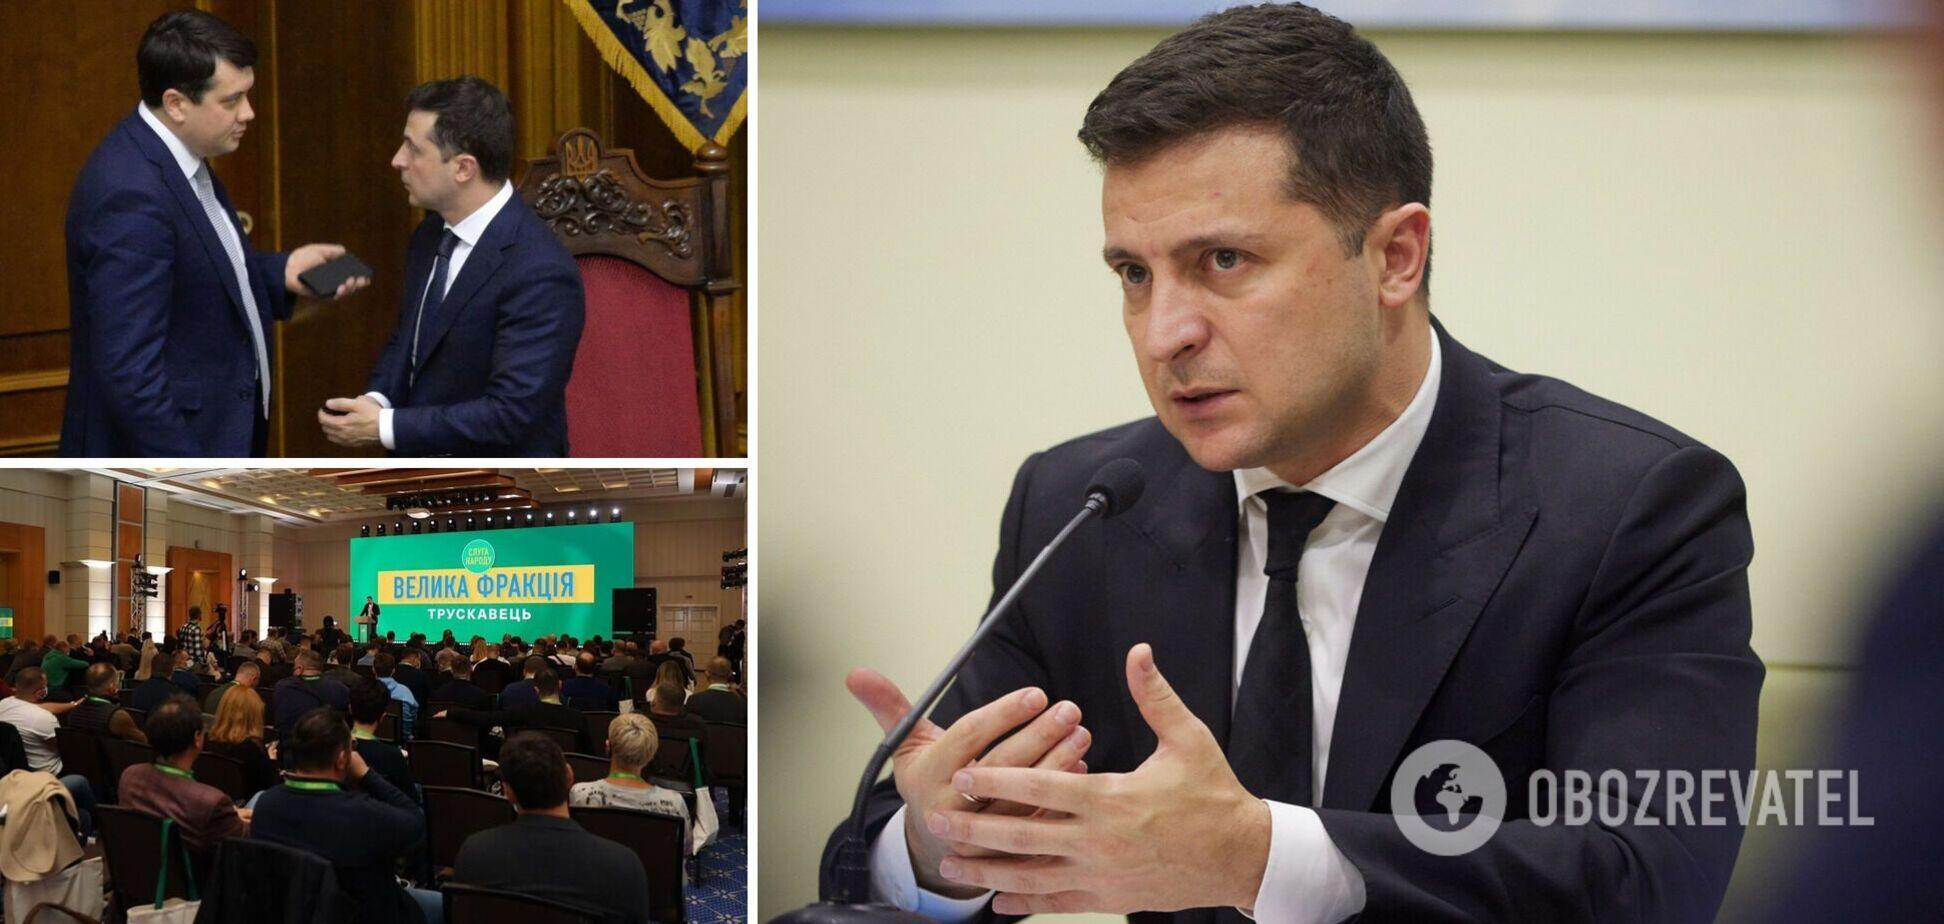 Доля Разумкова, другий термін і зустріч із Путіним: головне з брифінгу Зеленського